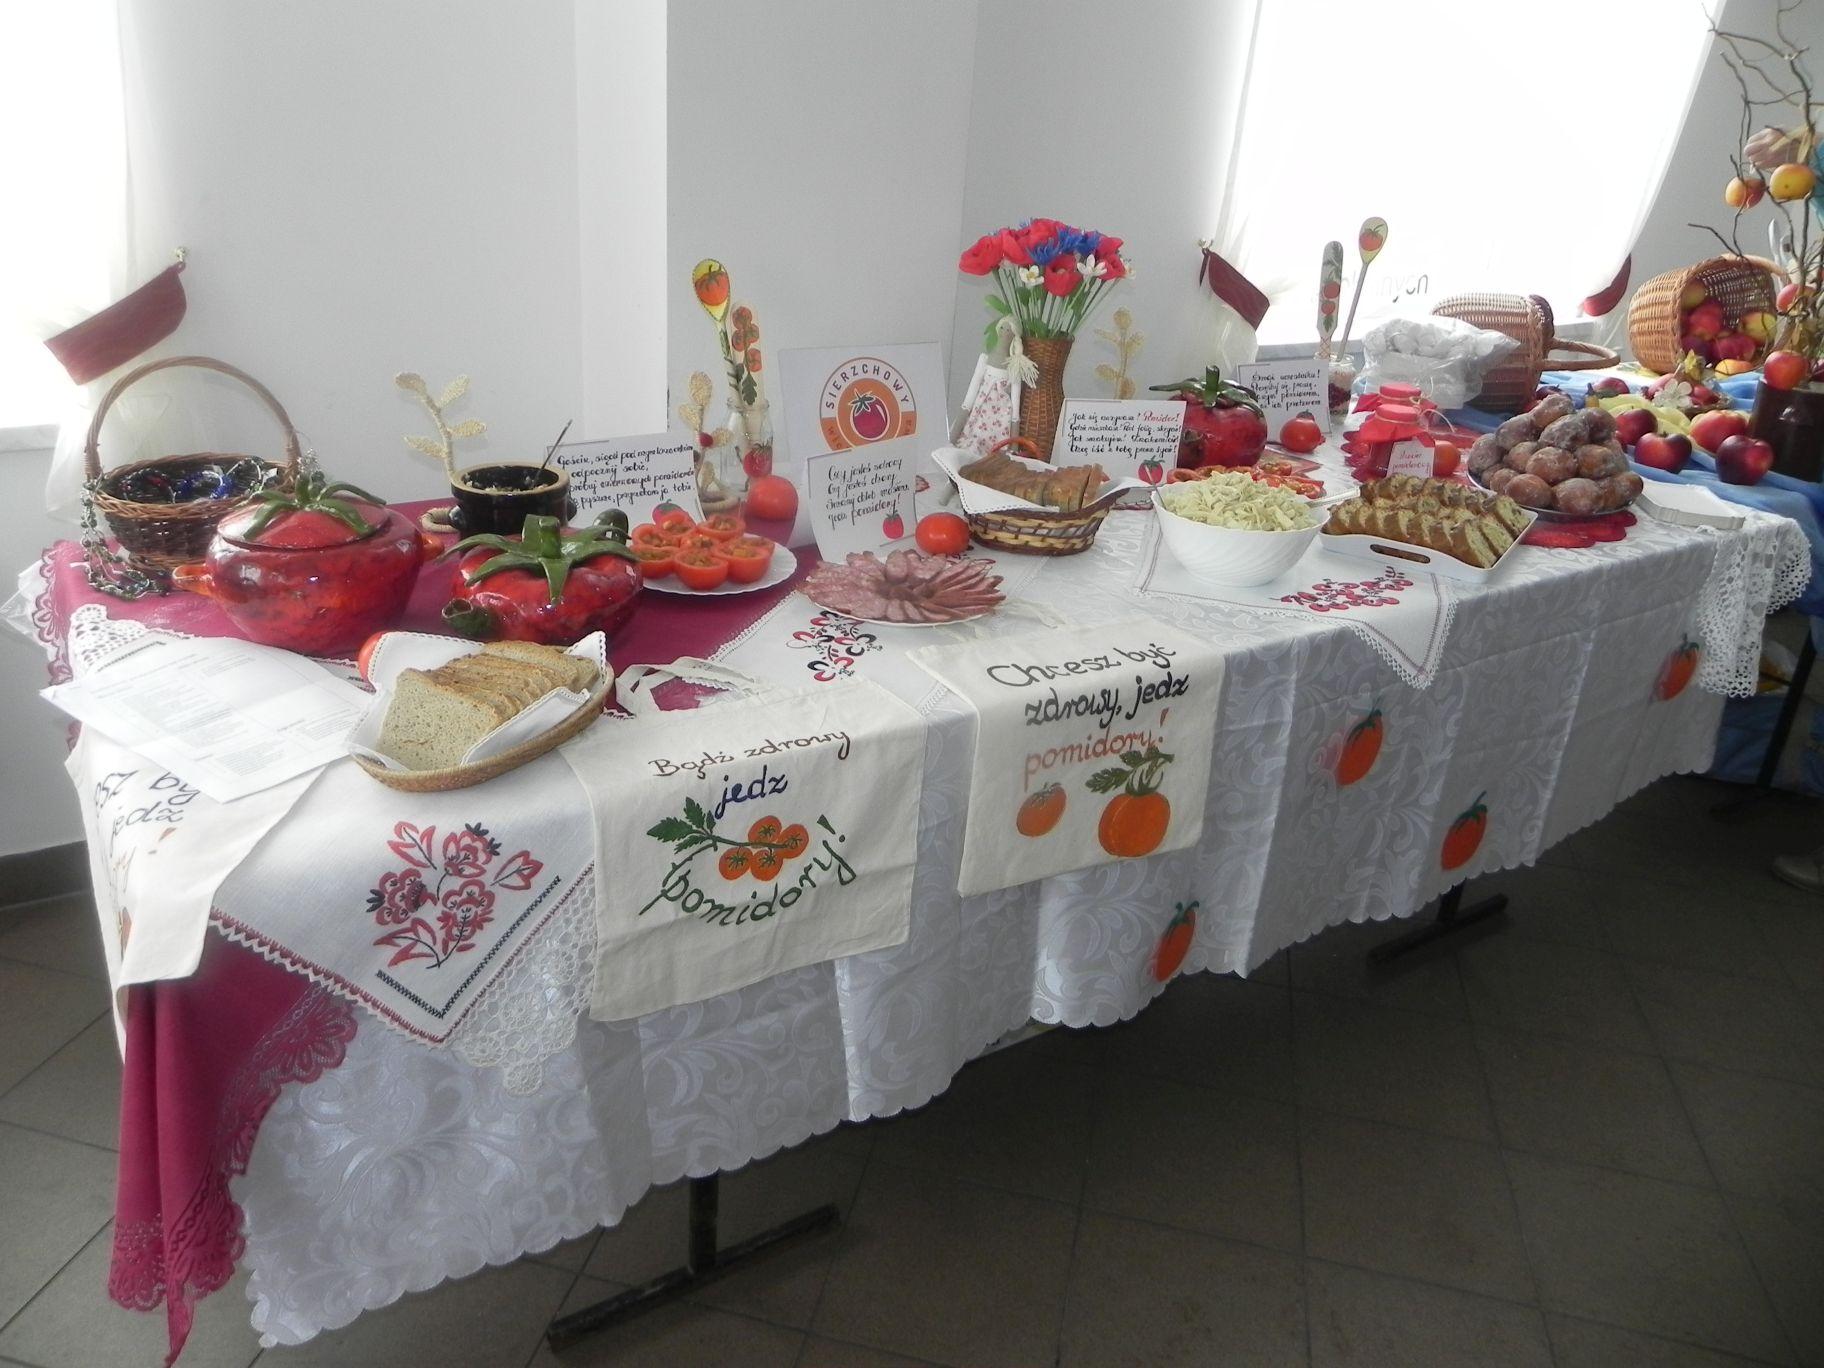 2012-12-14 Wilkowice - Konferencja Wioski tematyczne (25)